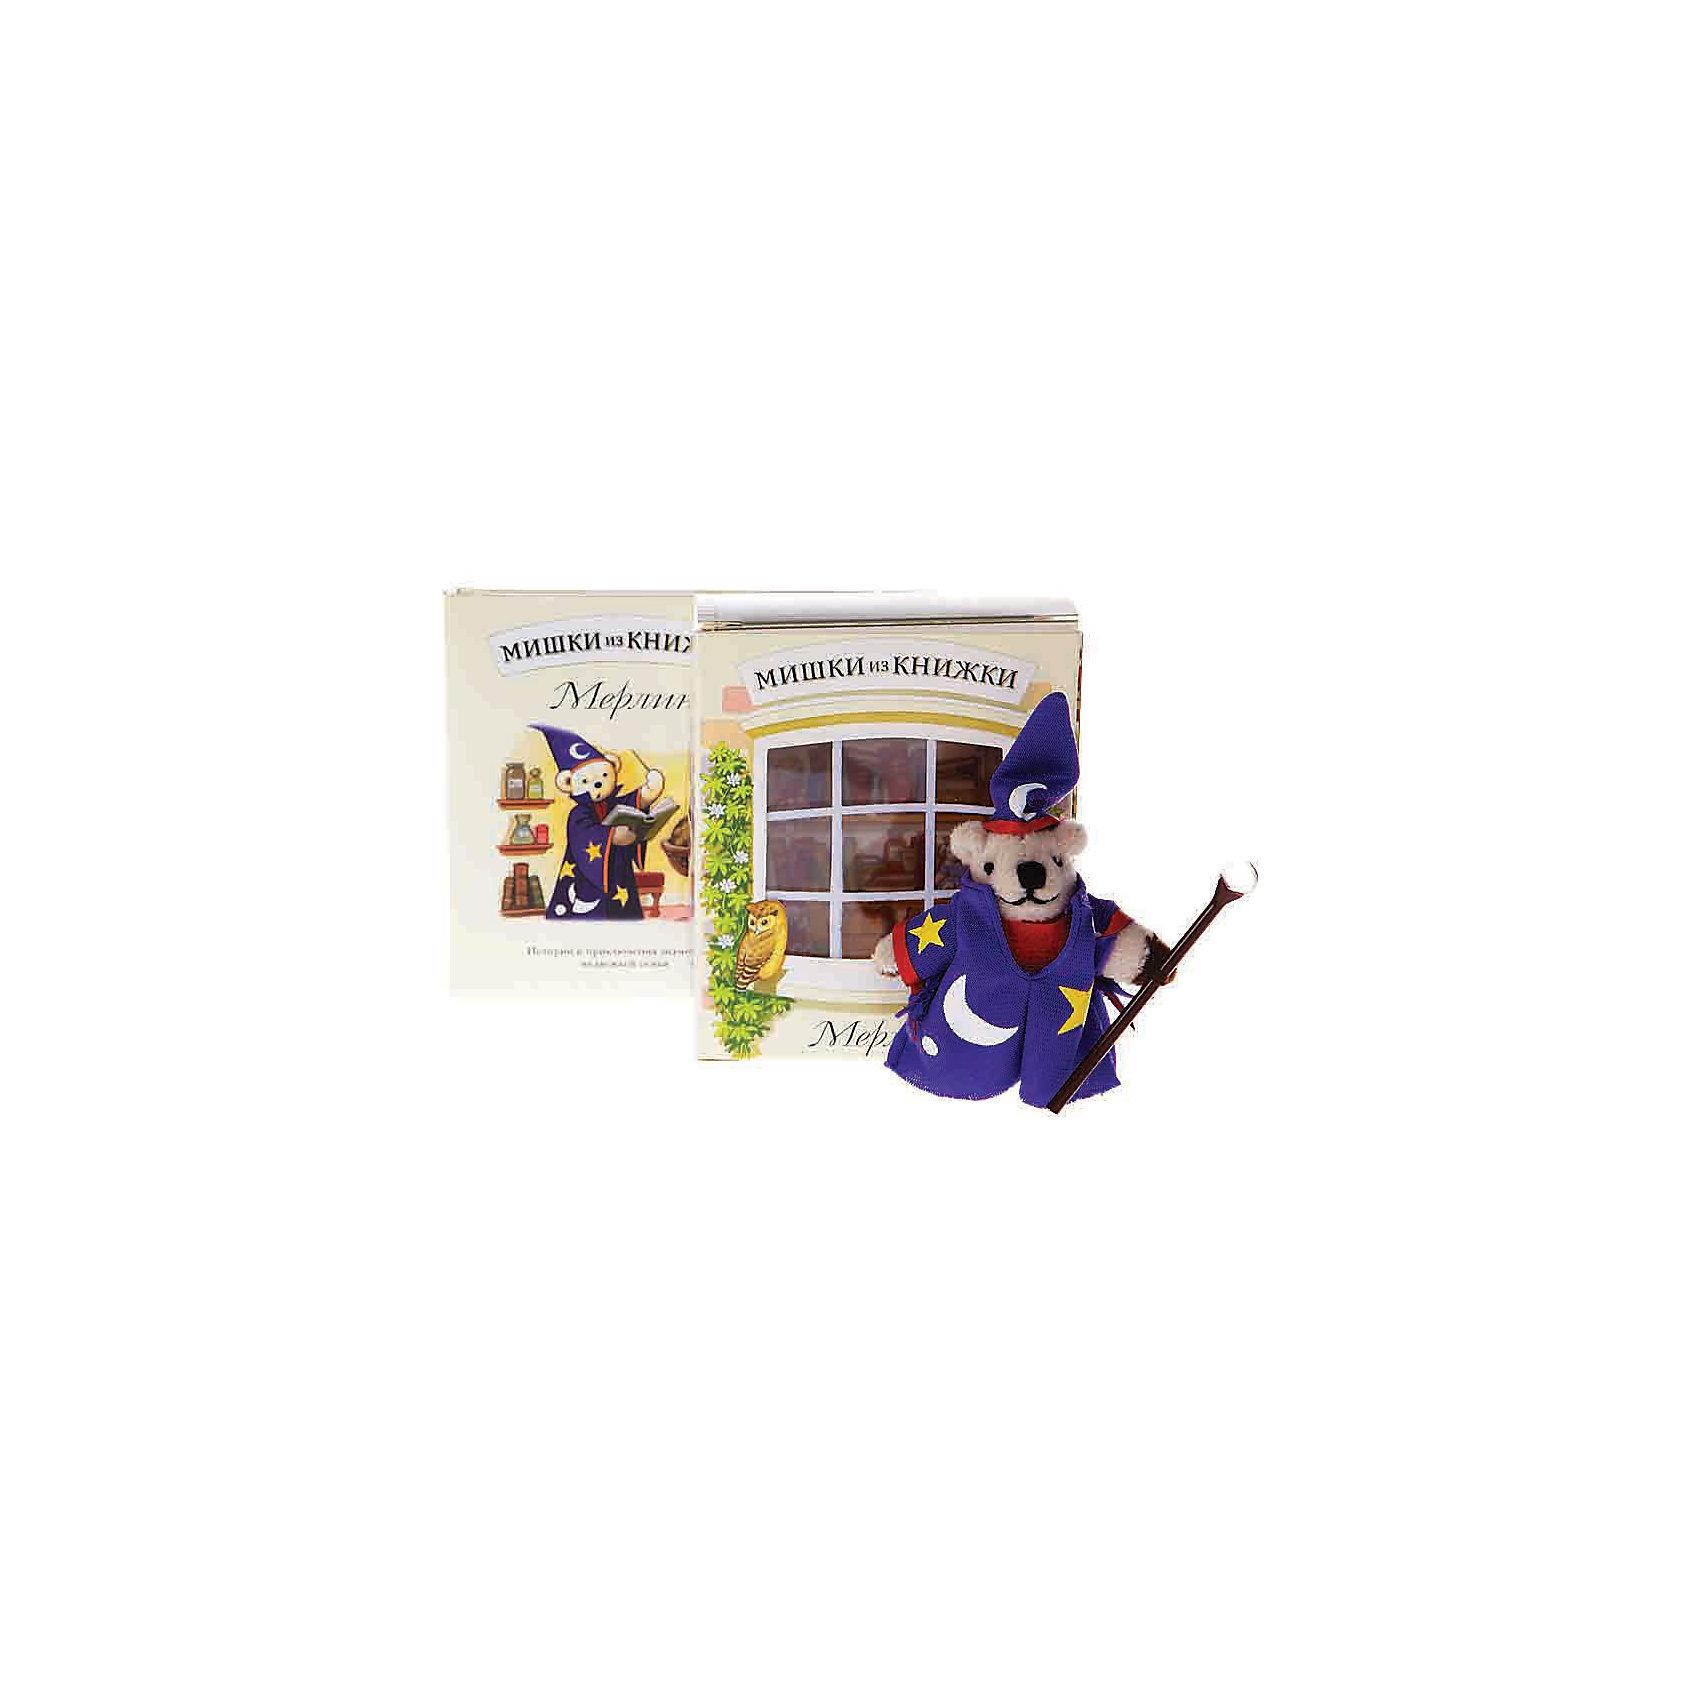 Мишки из книжки МерлинЗарубежные сказки<br>Мишки из книжки Мерлин Сказка о добром волшебнике Мерлине и сам мишка-волшебник в придачу.<br>Дополнительная информация:<br>Состав набора:<br>• Книга со сказкой 48 стр., суперобложка, цветные иллюстрации <br>• Игрушечный мишка Мерлин <br>• Картонная комнатка для мишки<br>Размер упаковки (д/ш/в): 80 х 50 х 95 мм<br><br>Ширина мм: 80<br>Глубина мм: 50<br>Высота мм: 95<br>Вес г: 170<br>Возраст от месяцев: 36<br>Возраст до месяцев: 72<br>Пол: Унисекс<br>Возраст: Детский<br>SKU: 2358233